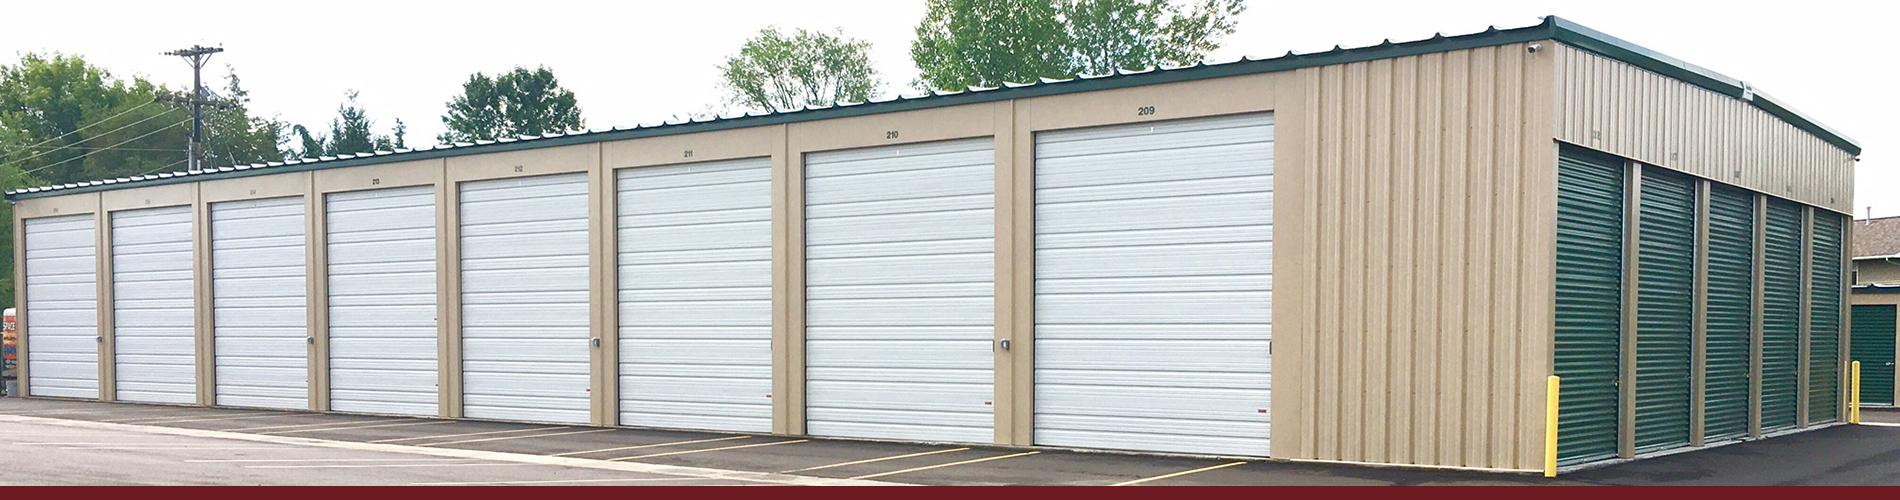 100 indoor storage units near me best 25 self storage units